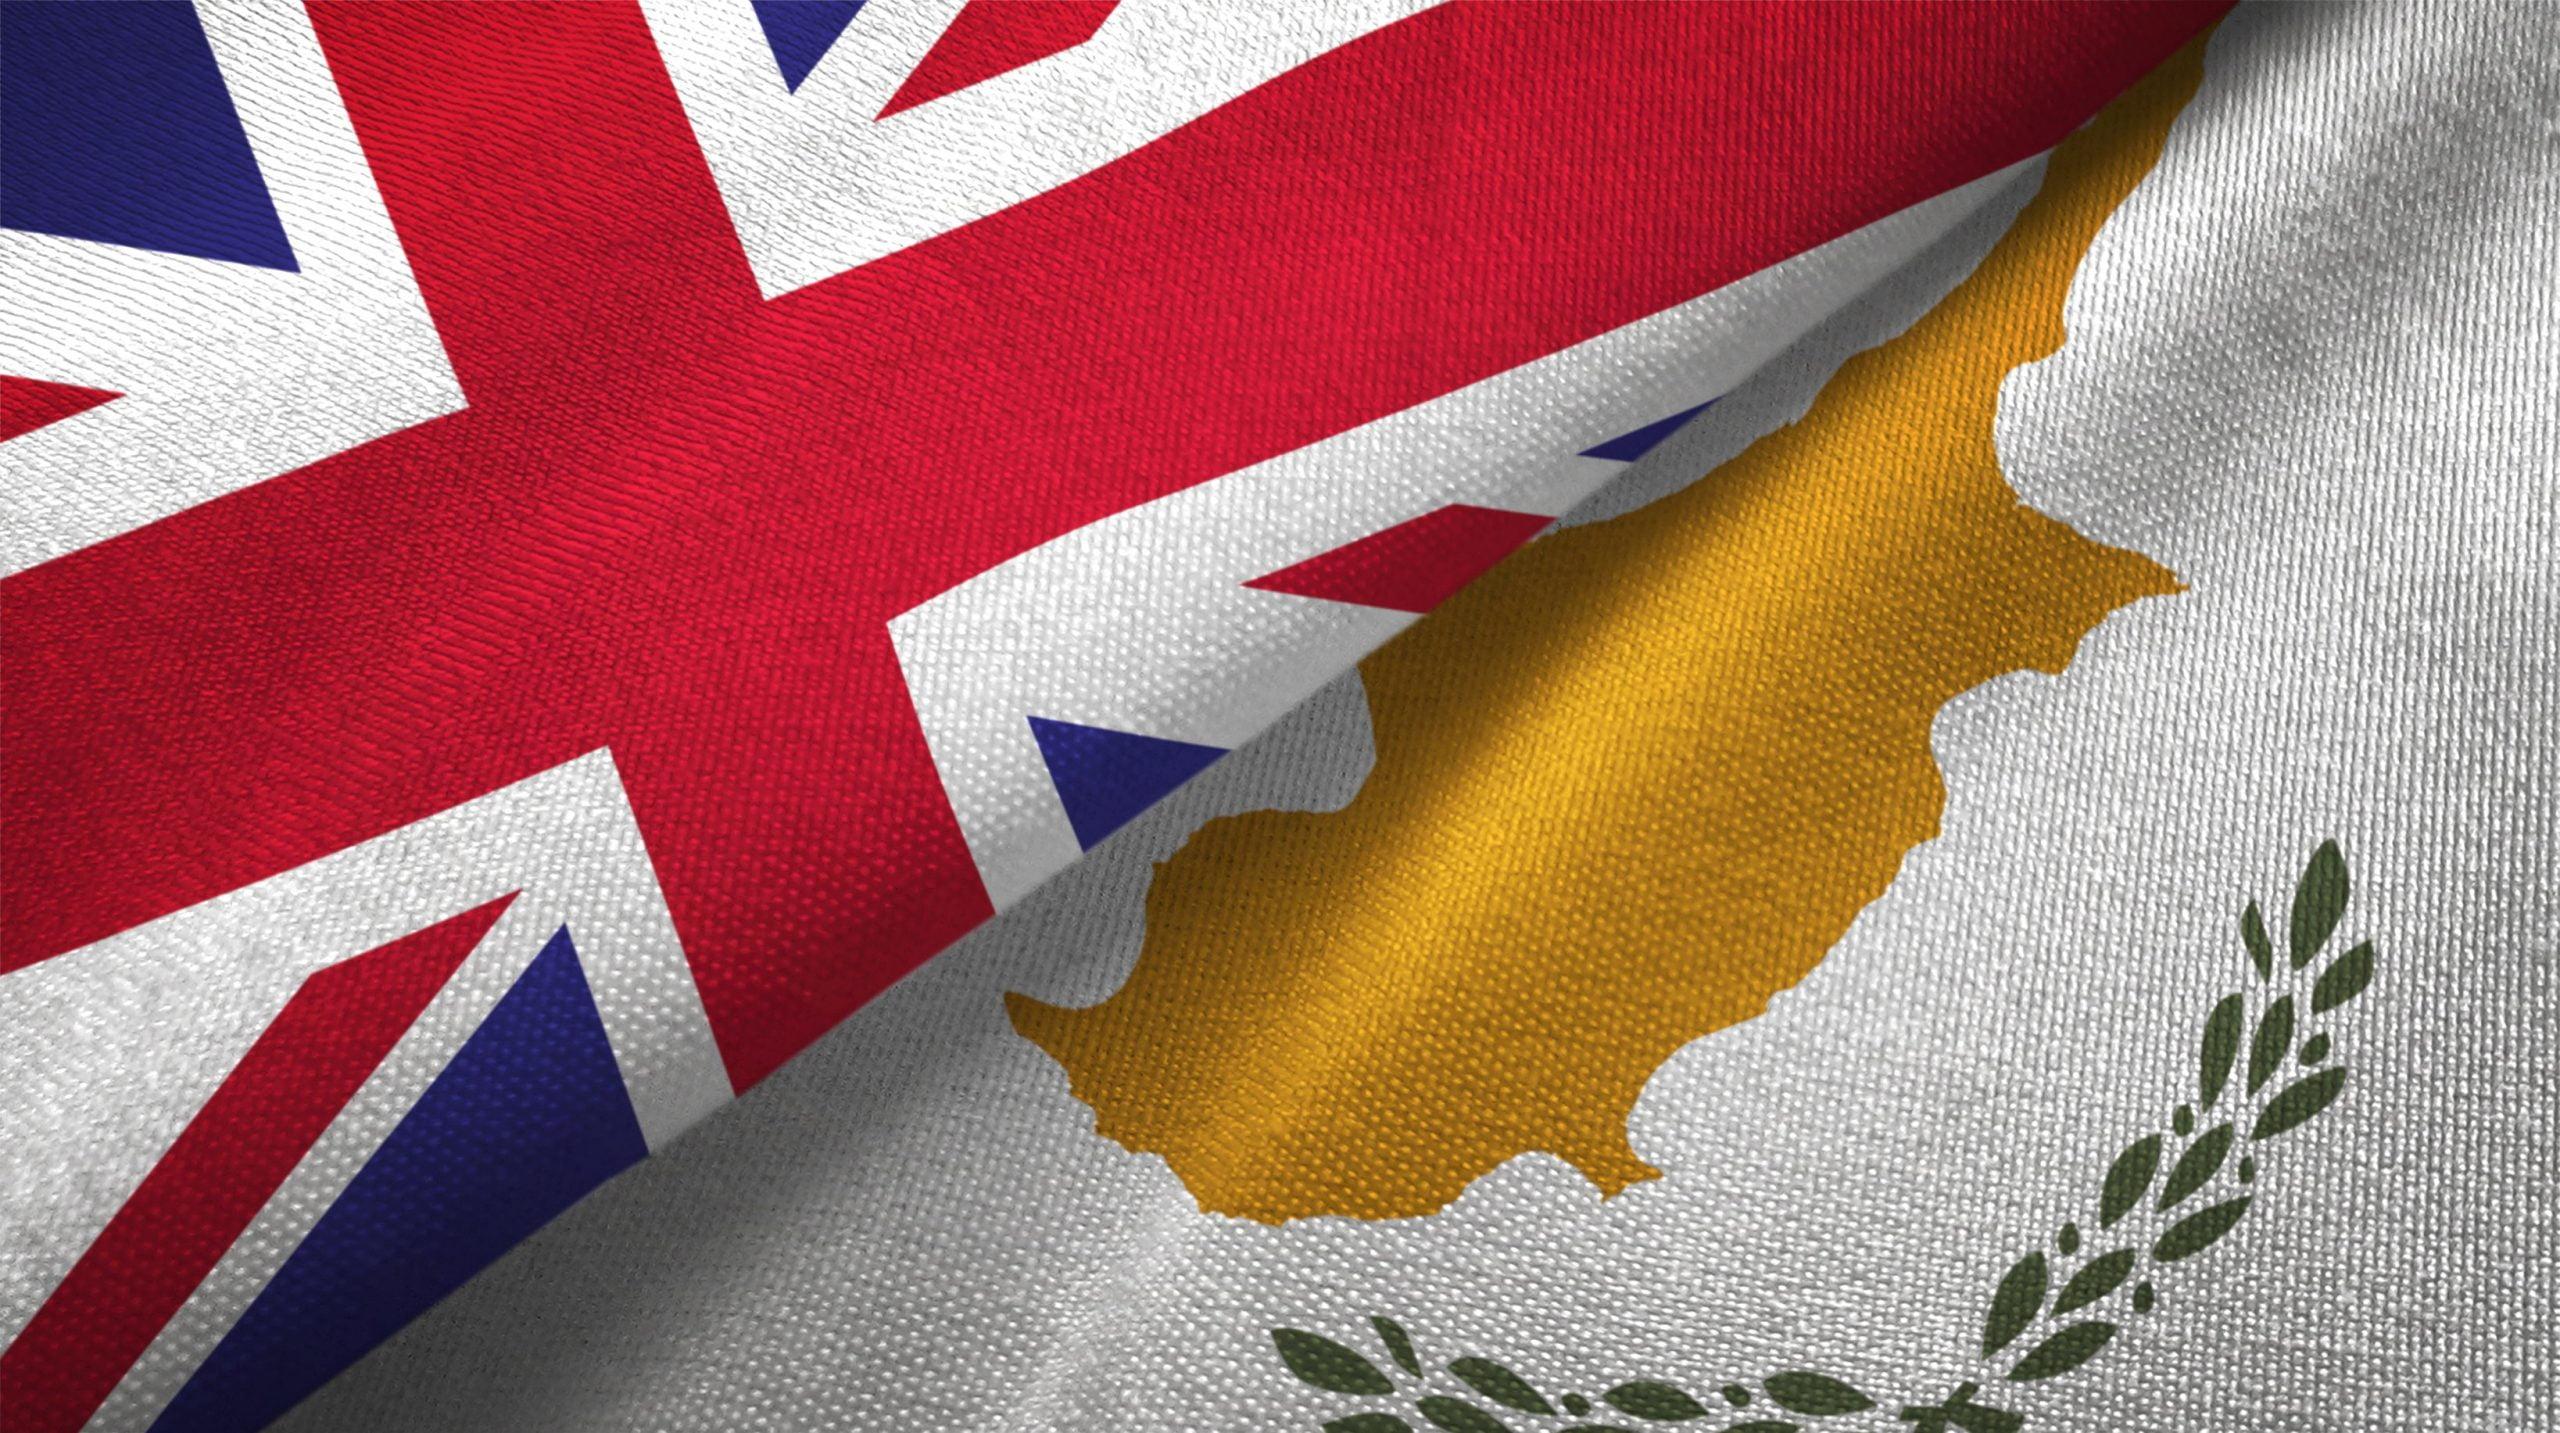 Το κράτος δικαίου στο Ην. Βασίλειο και στην Κυπριακή Δημοκρατία